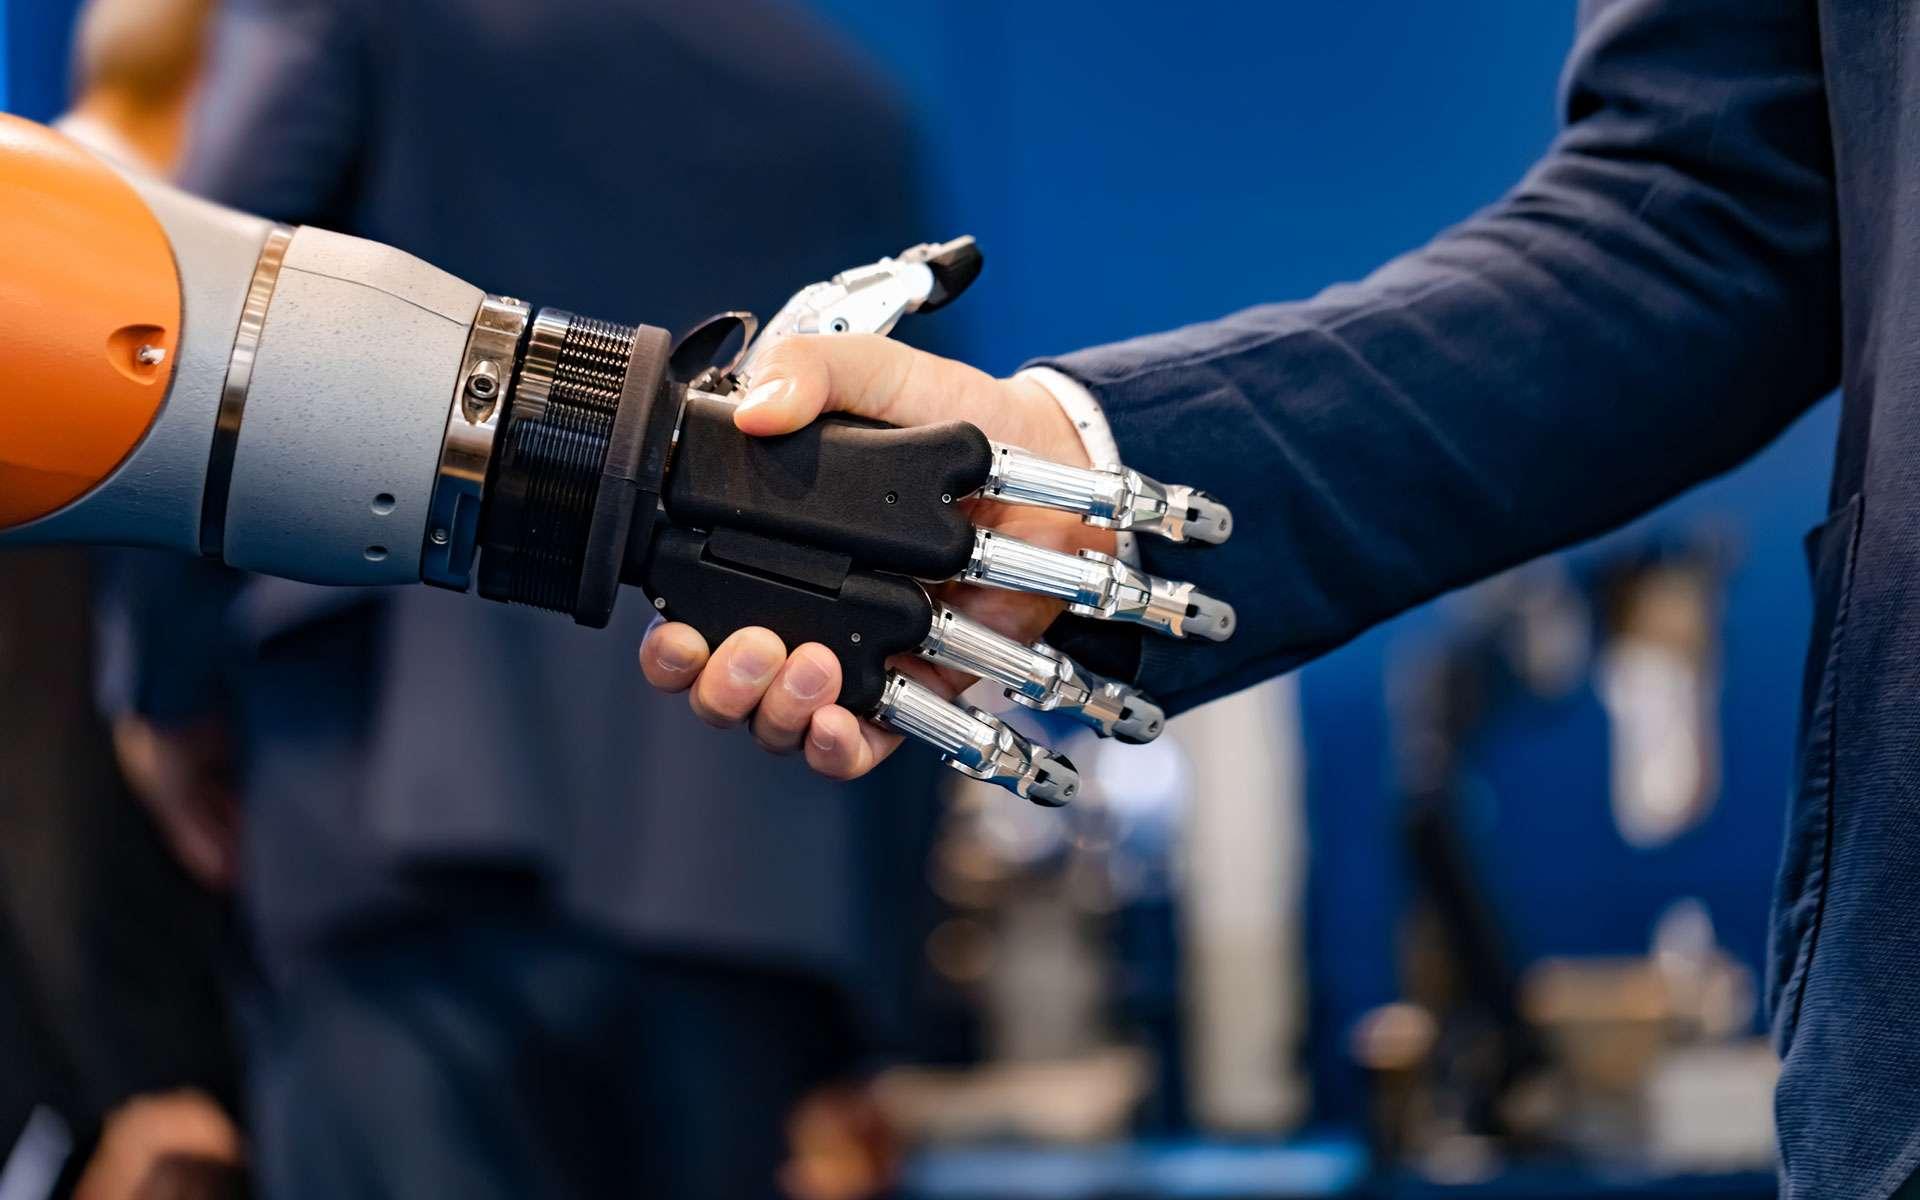 Une main robotique s'ouvre à celle d'un homme d'affaires ©cookelma